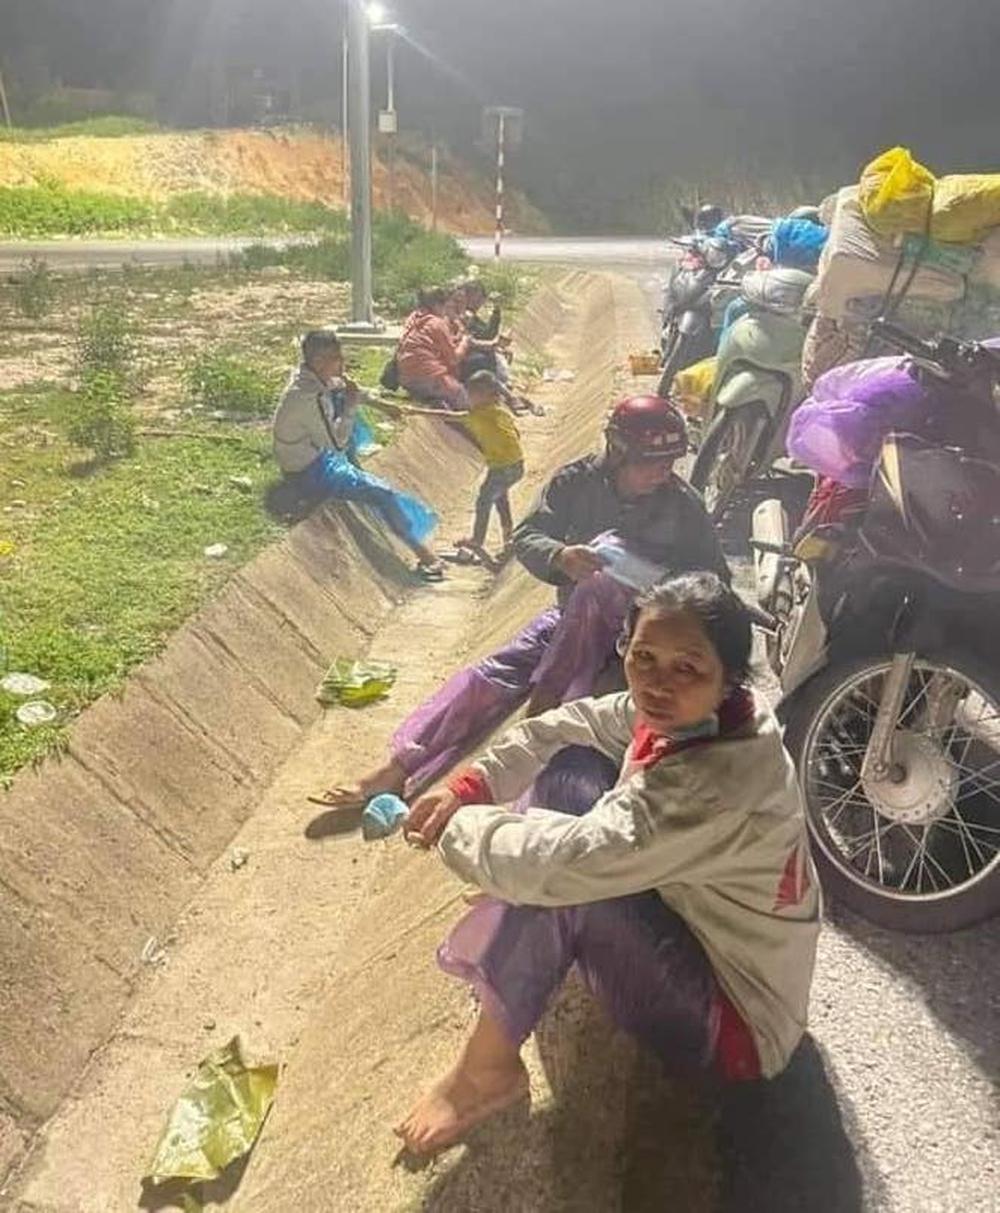 Thương cảnh người dân về quê tránh dịch ngả lưng dưới gầm cầu, vệ đường quốc lộ vì quá mệt - Ảnh 1.